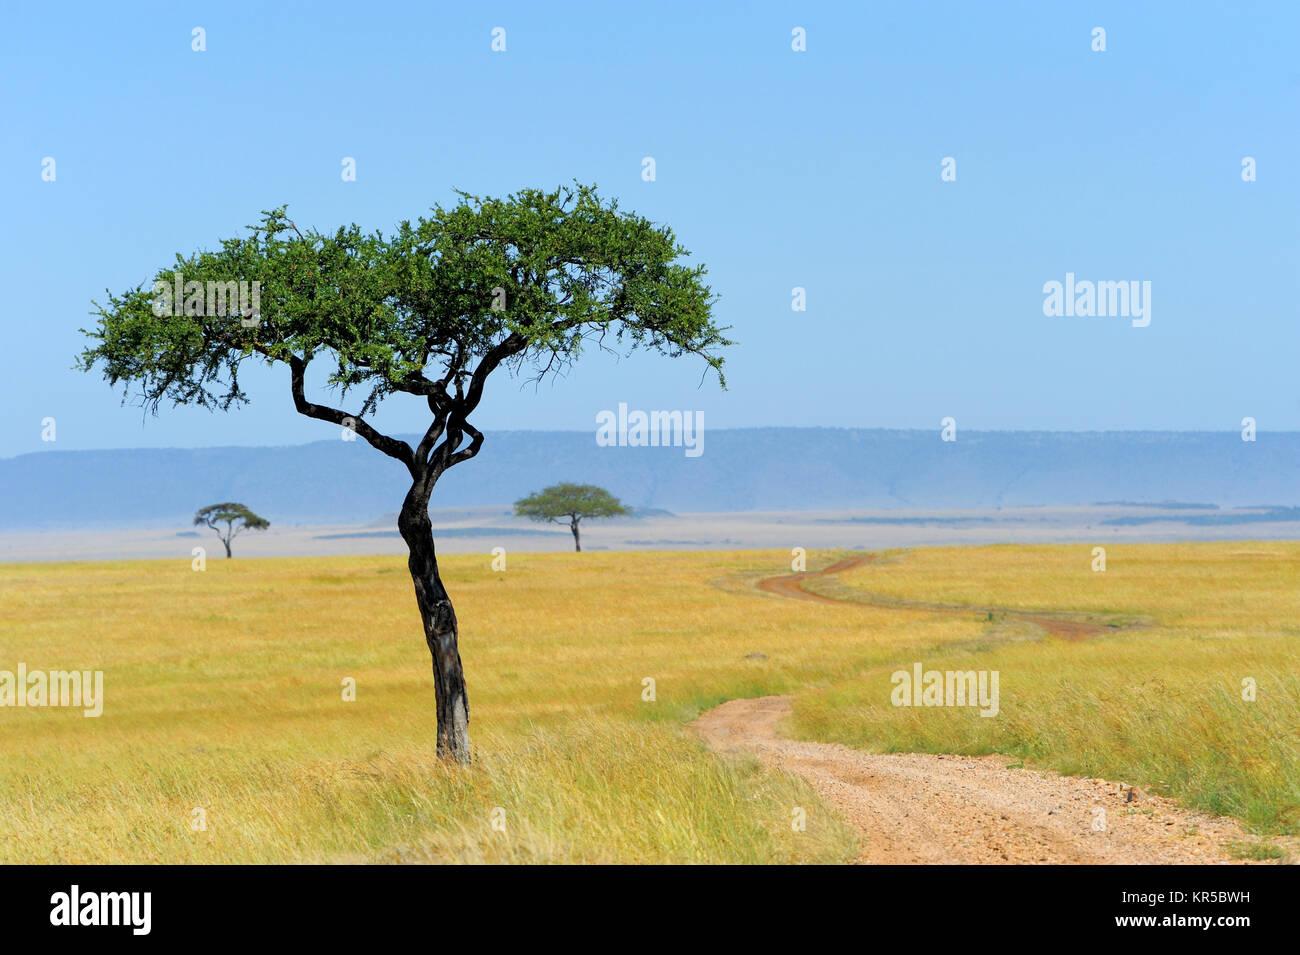 Paisaje de sabana en el parque nacional en Kenya Imagen De Stock